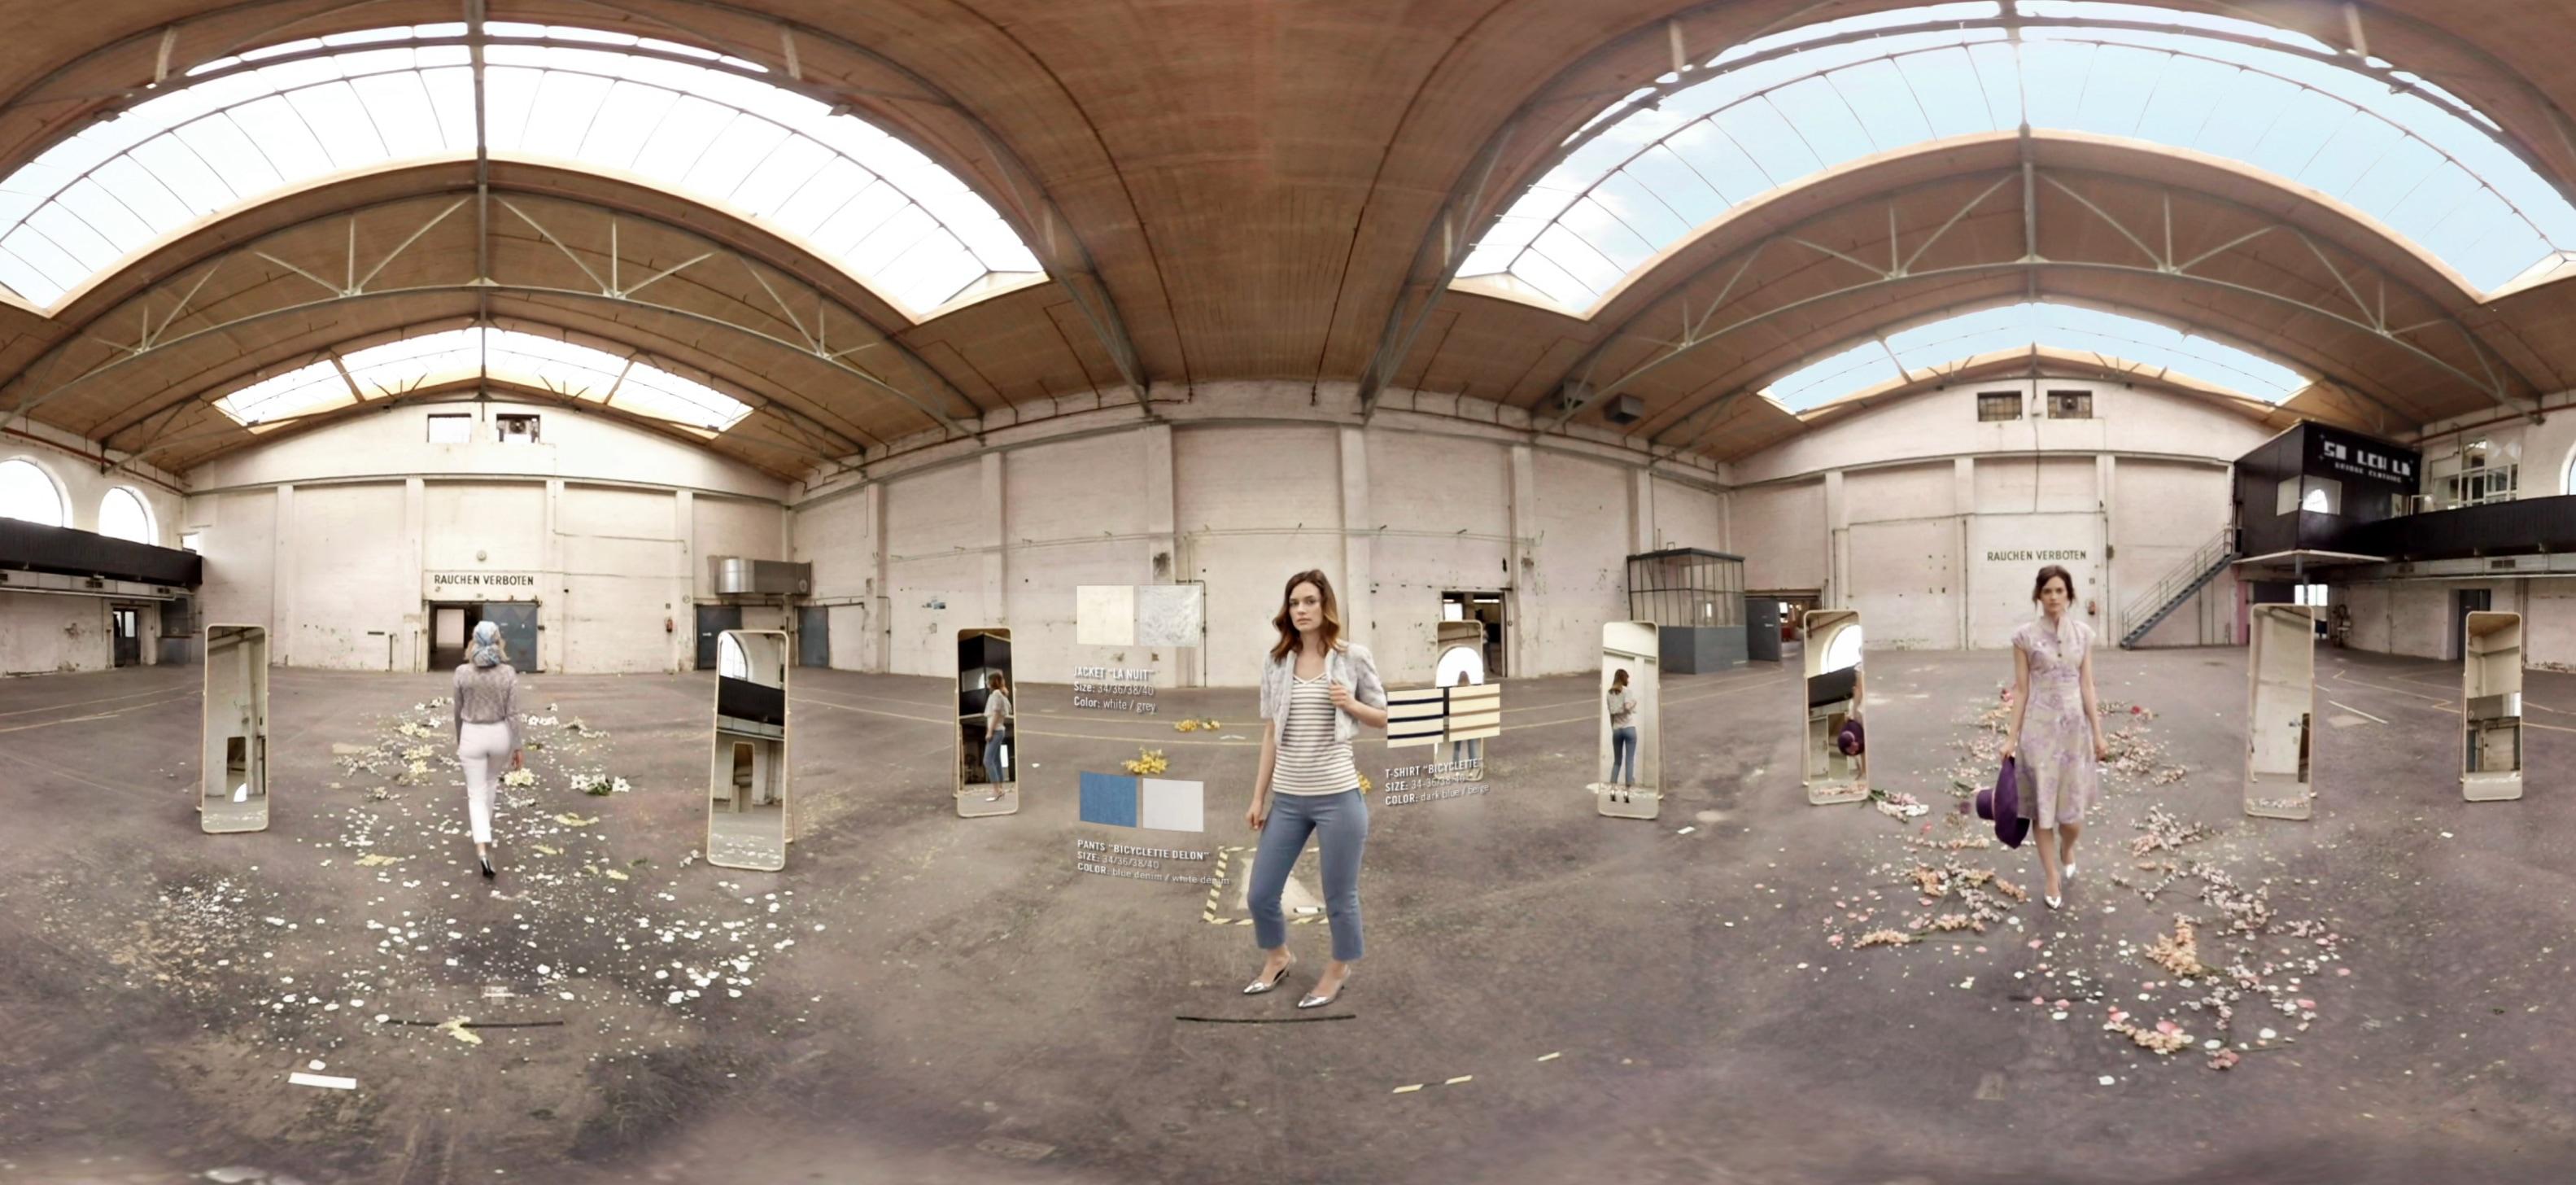 Um ein einzigartiges Erlebnis für Modefans zu bieten, kreierten wir eine faszinierende VR-Experience für das Label SO LCH LD. Erfahren Sie hier mehr dazu!